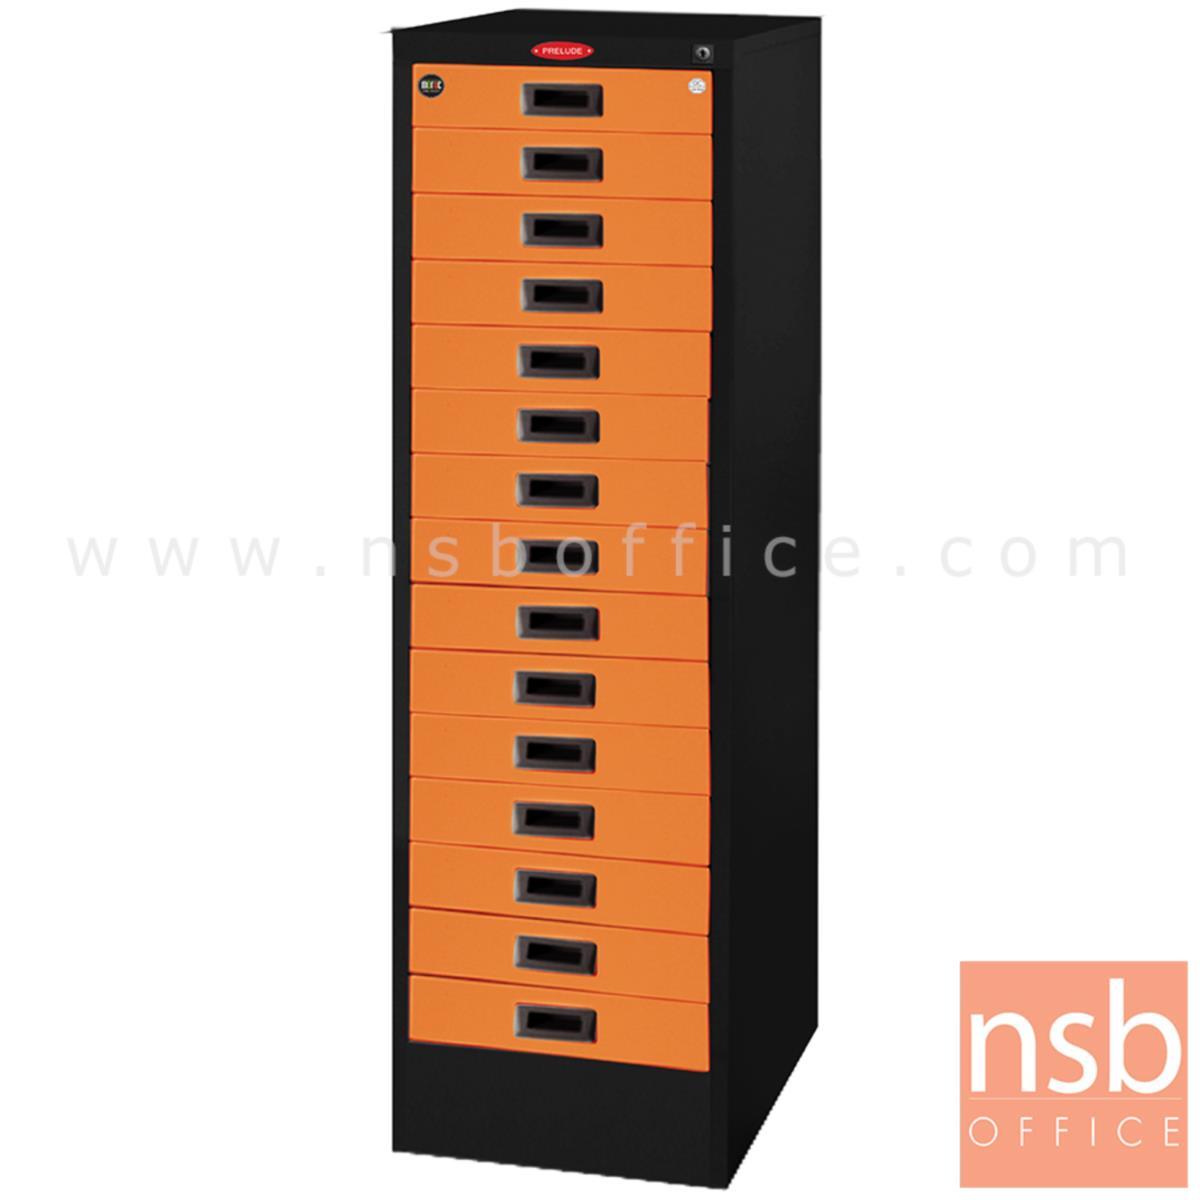 E04A047:ตู้เหล็กเก็บแบบฟอร์ม 15 ลิ้นชัก รุ่น Nesta (เนสต้า) หน้าบานสีสันโครงตู้สีดำ